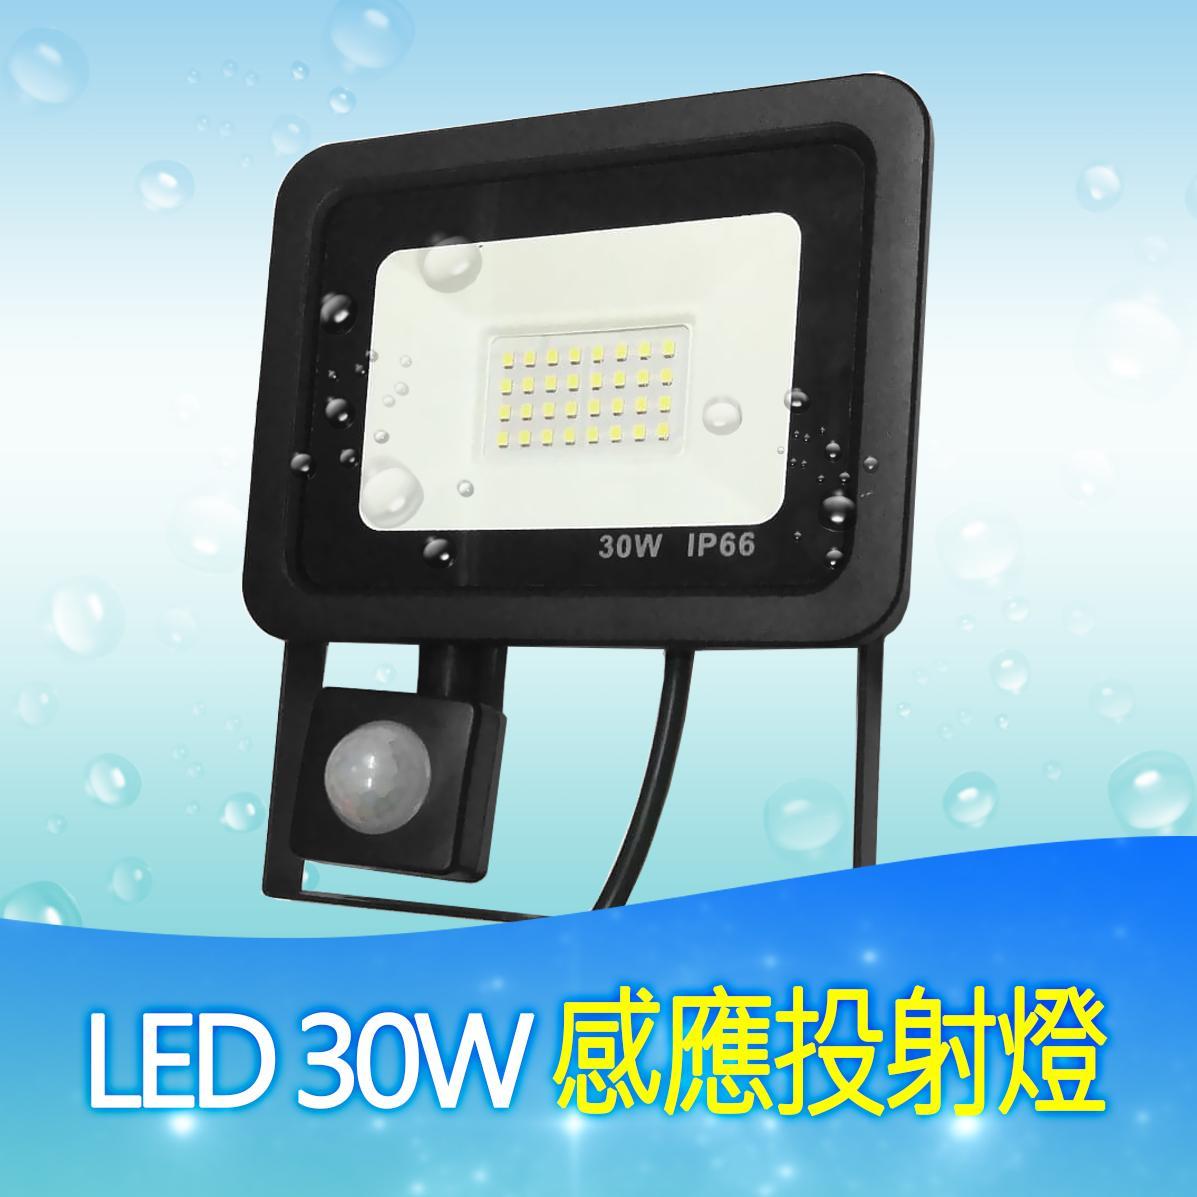 LED 30W 感应投射灯 1